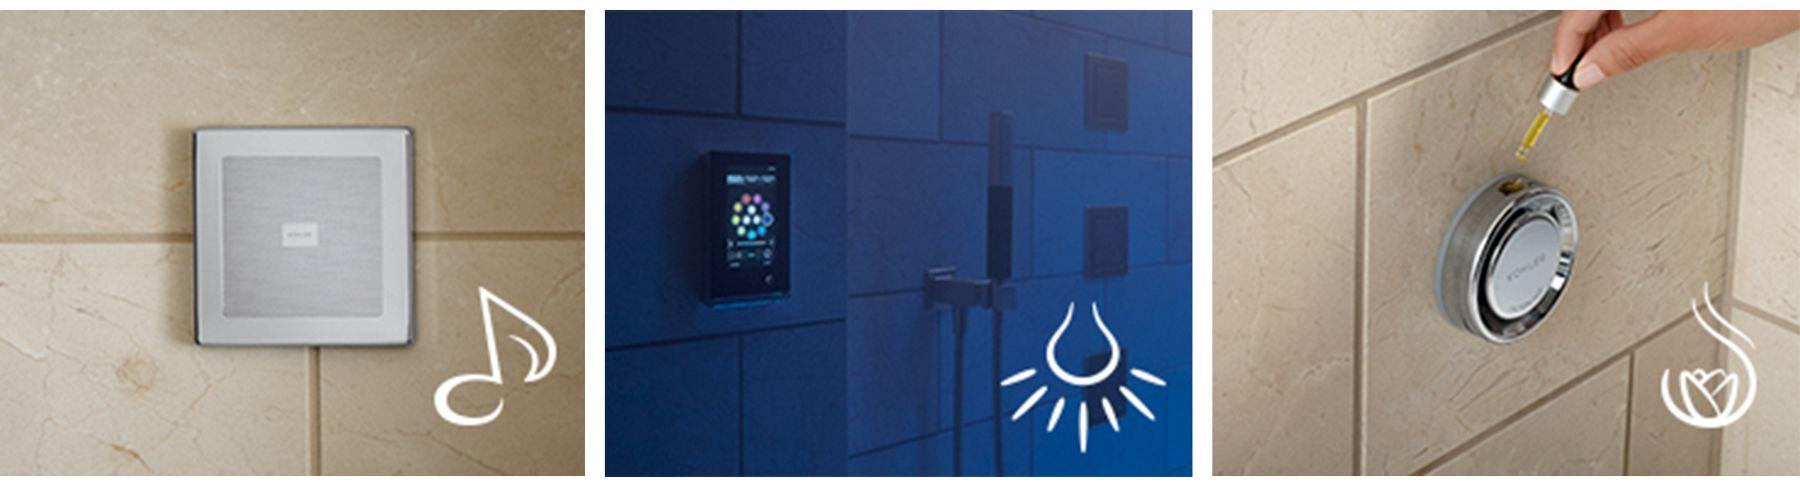 bing steam shower raum haus mit interessanten ideen - Bing Steam Shower